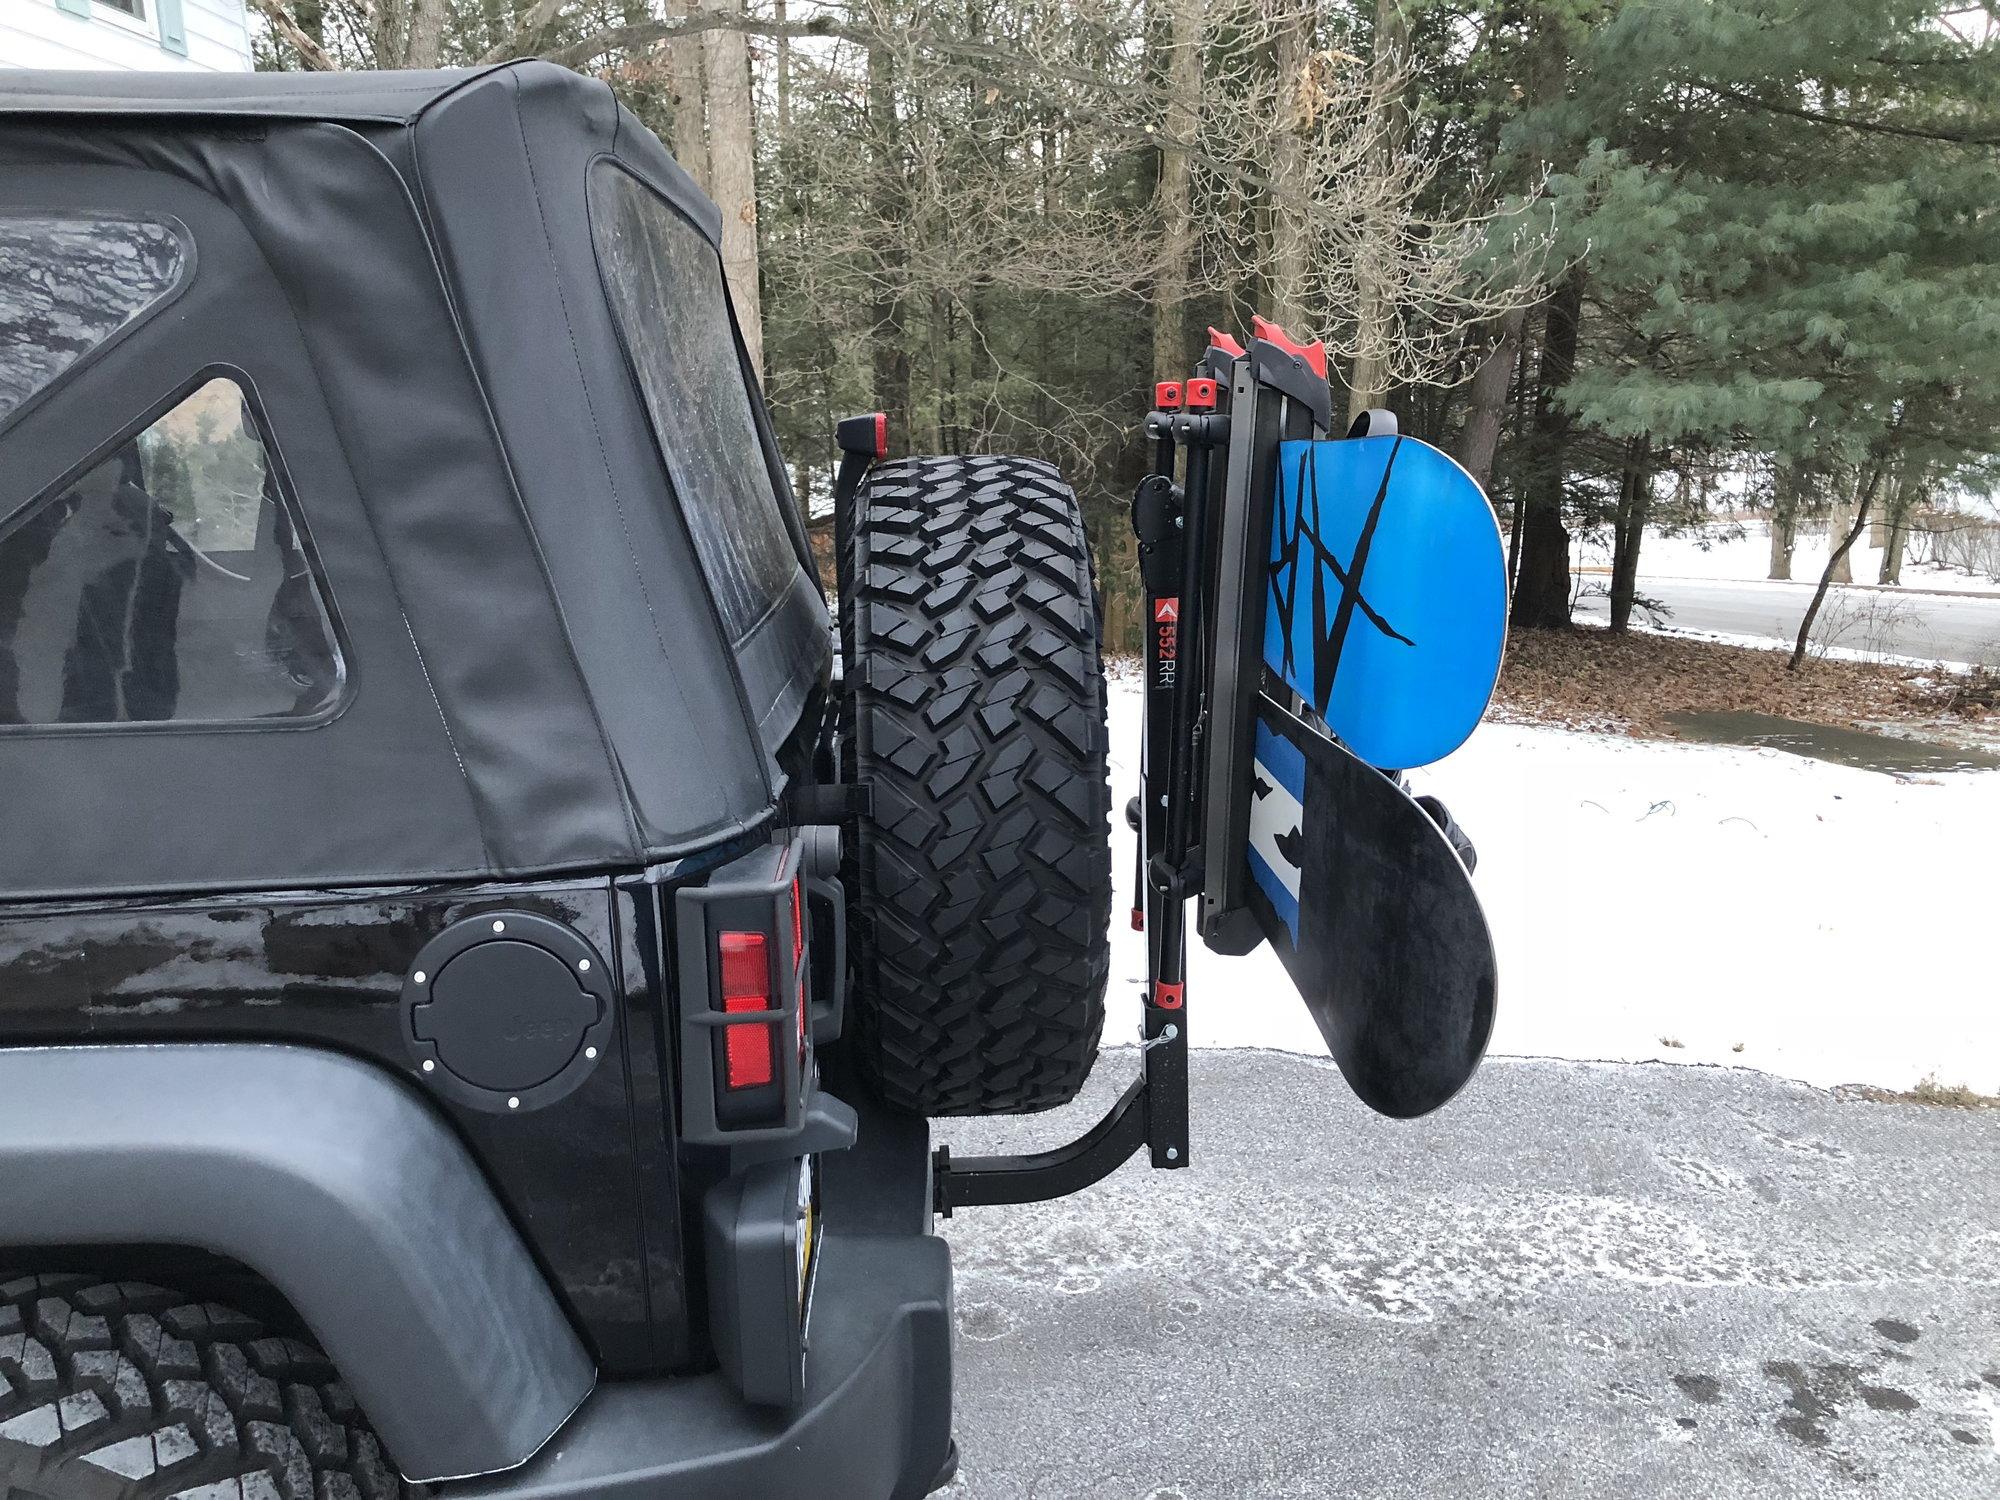 ski snowboard rack options for 2 door